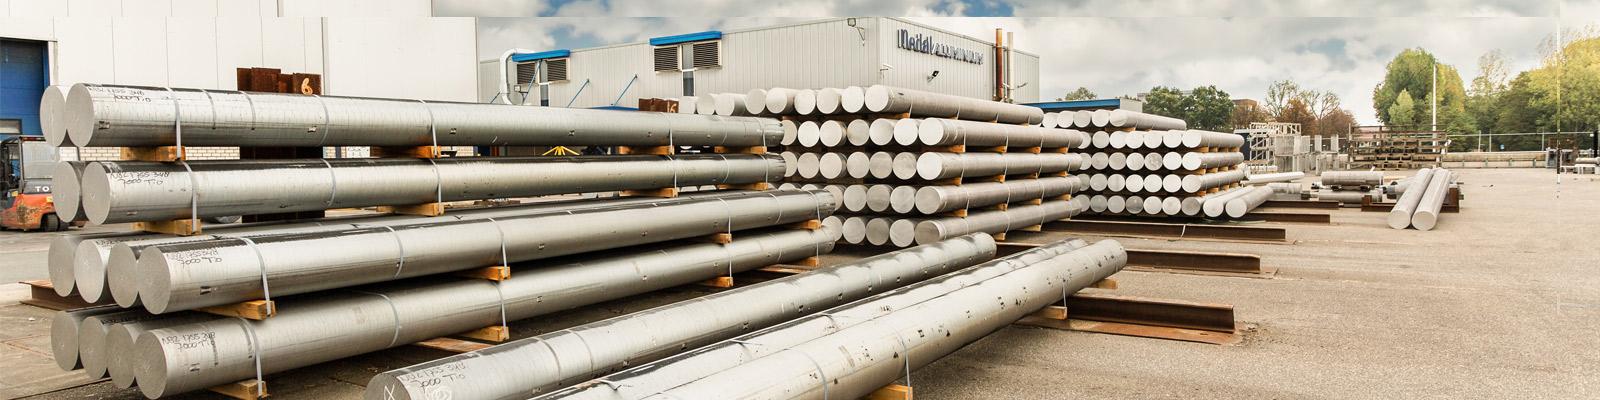 Nedal aluminium - extrusion - lighting columns